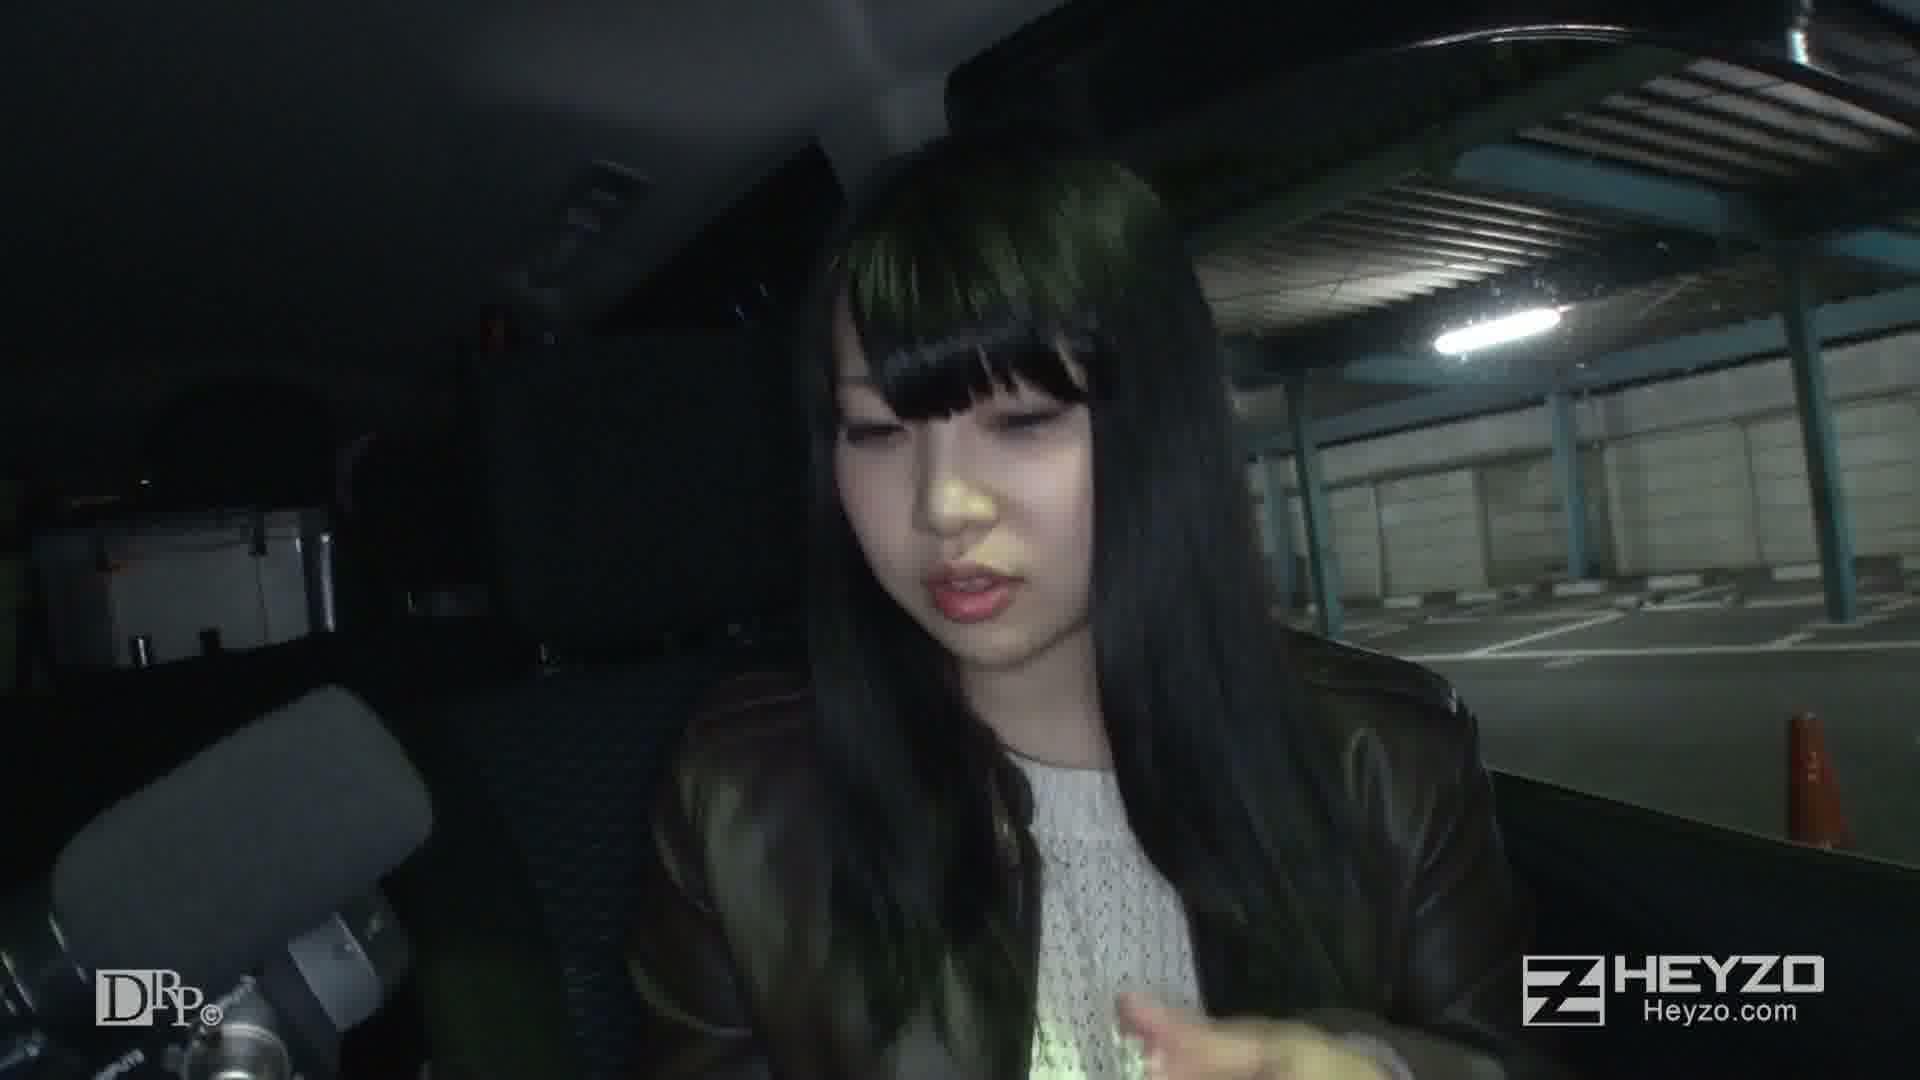 ワケあり素人~私のプライベートビデオ撮影して下さい~ - 綾瀬ゆい【車中 インタビュー オナニー】